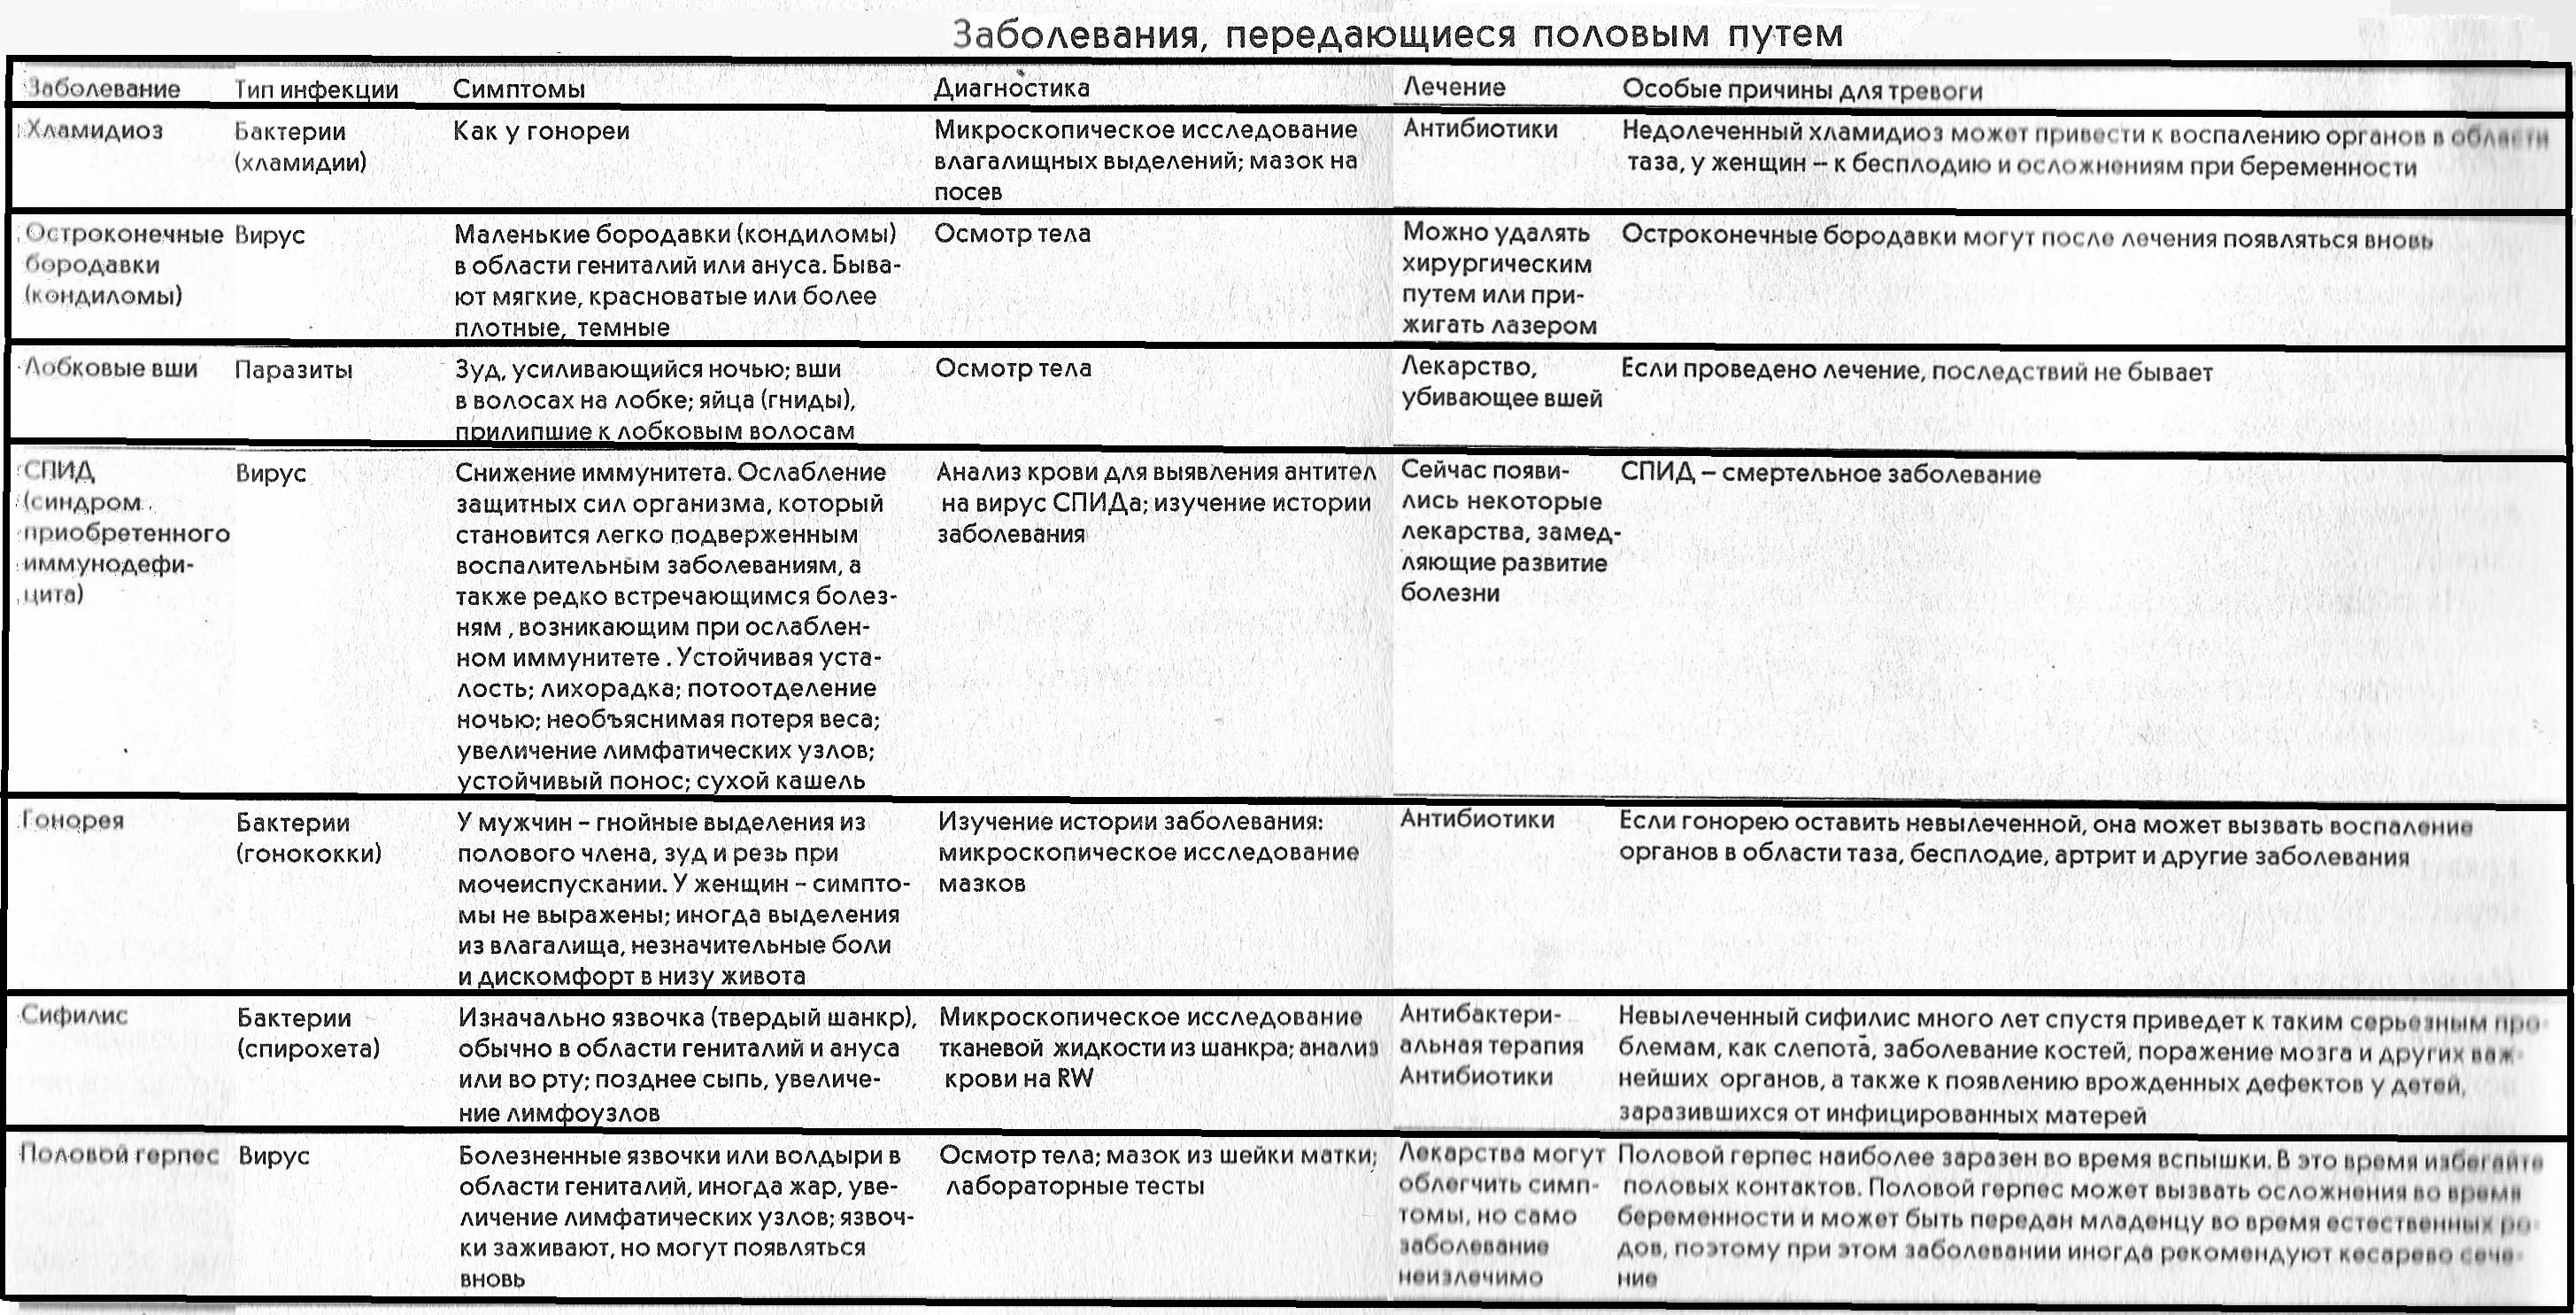 Заболевания, передающиеся половым путем (ЗППП).